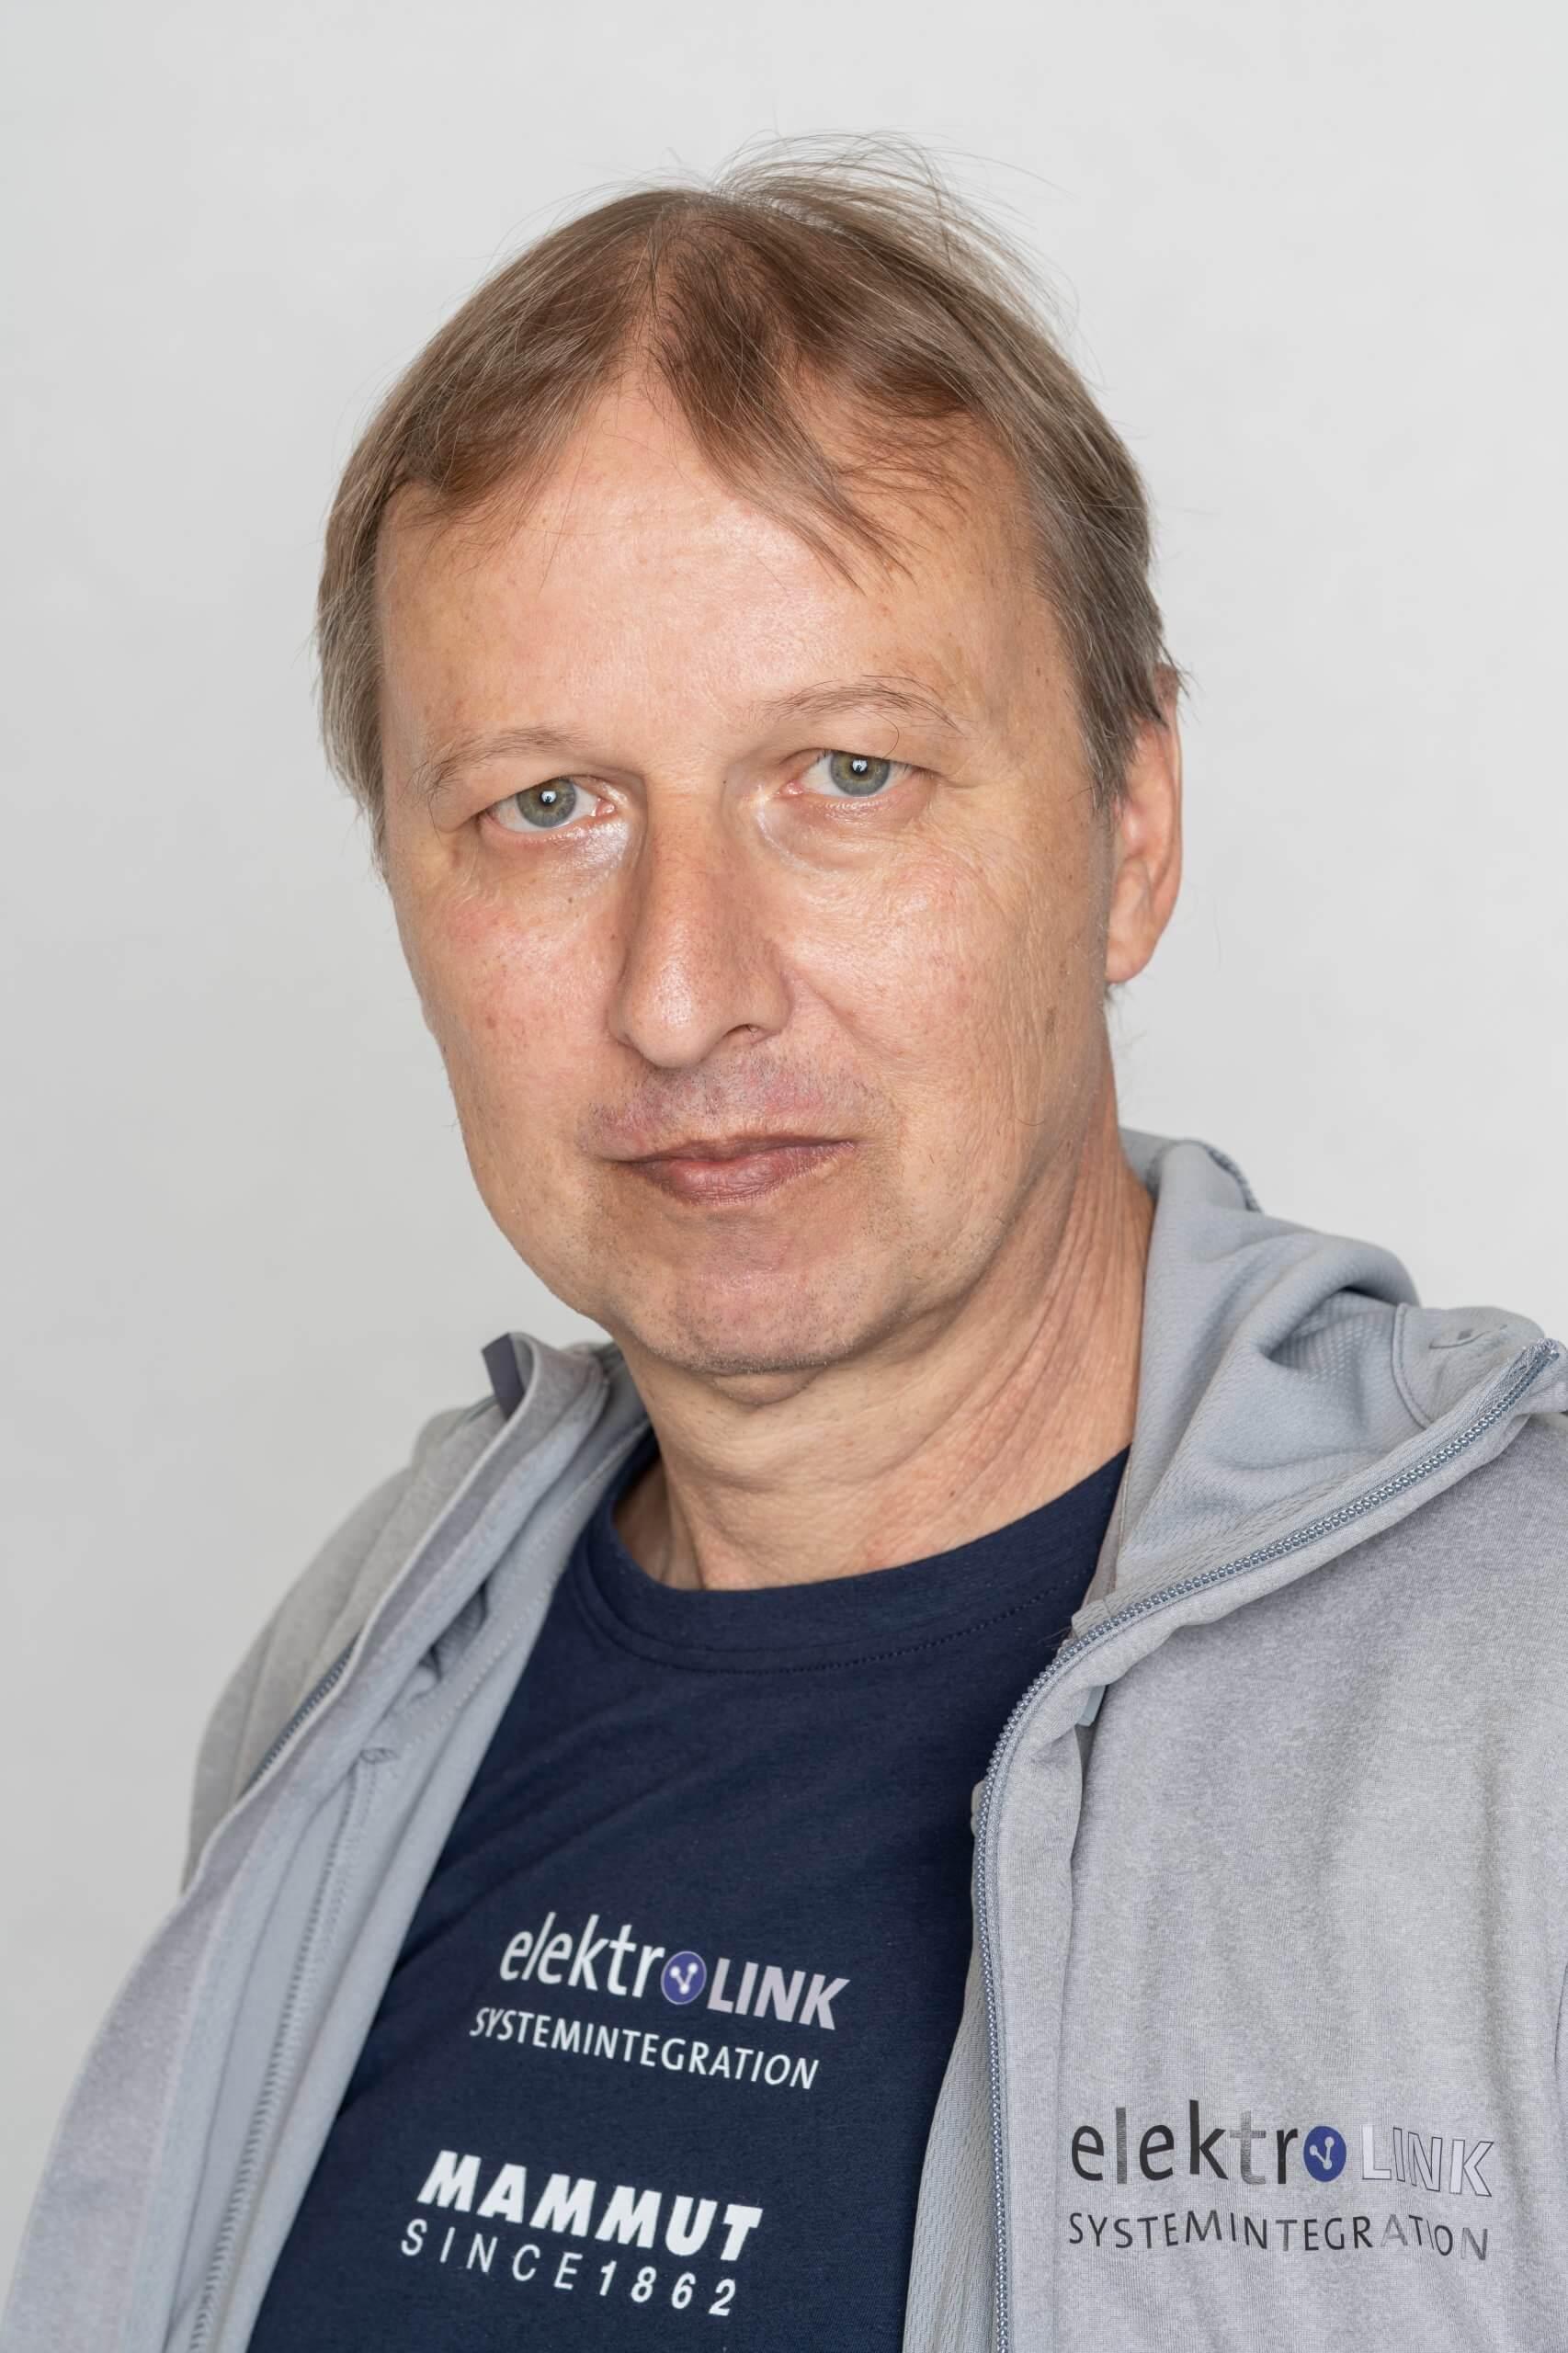 Hartmut Wäsch, KNX-Programmierer